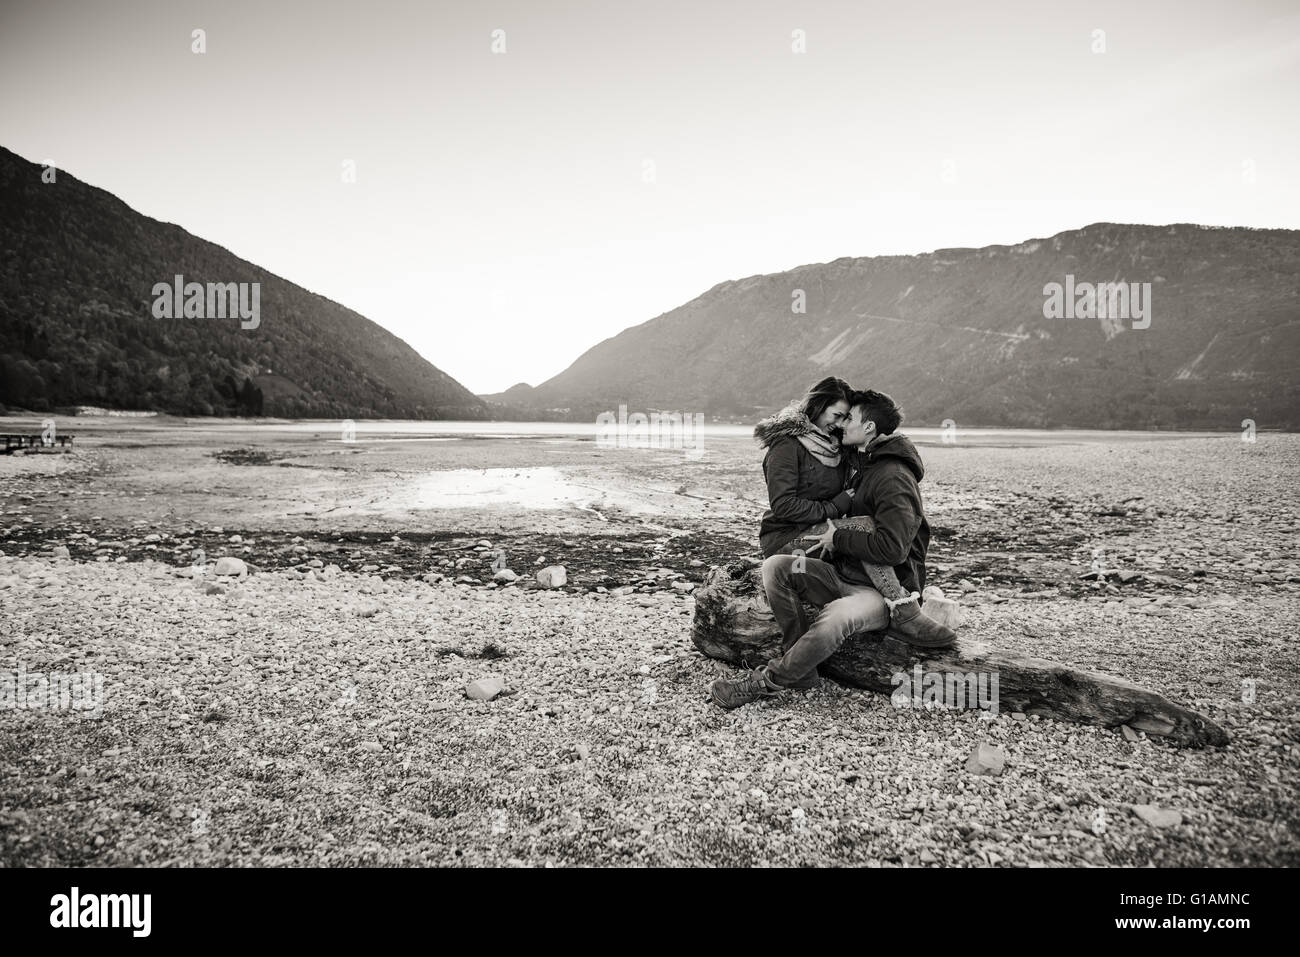 Coppia giovane avente una data romantica al lago, stanno abbracciando e seduta su un tronco sulla spiaggia, di amore Immagini Stock